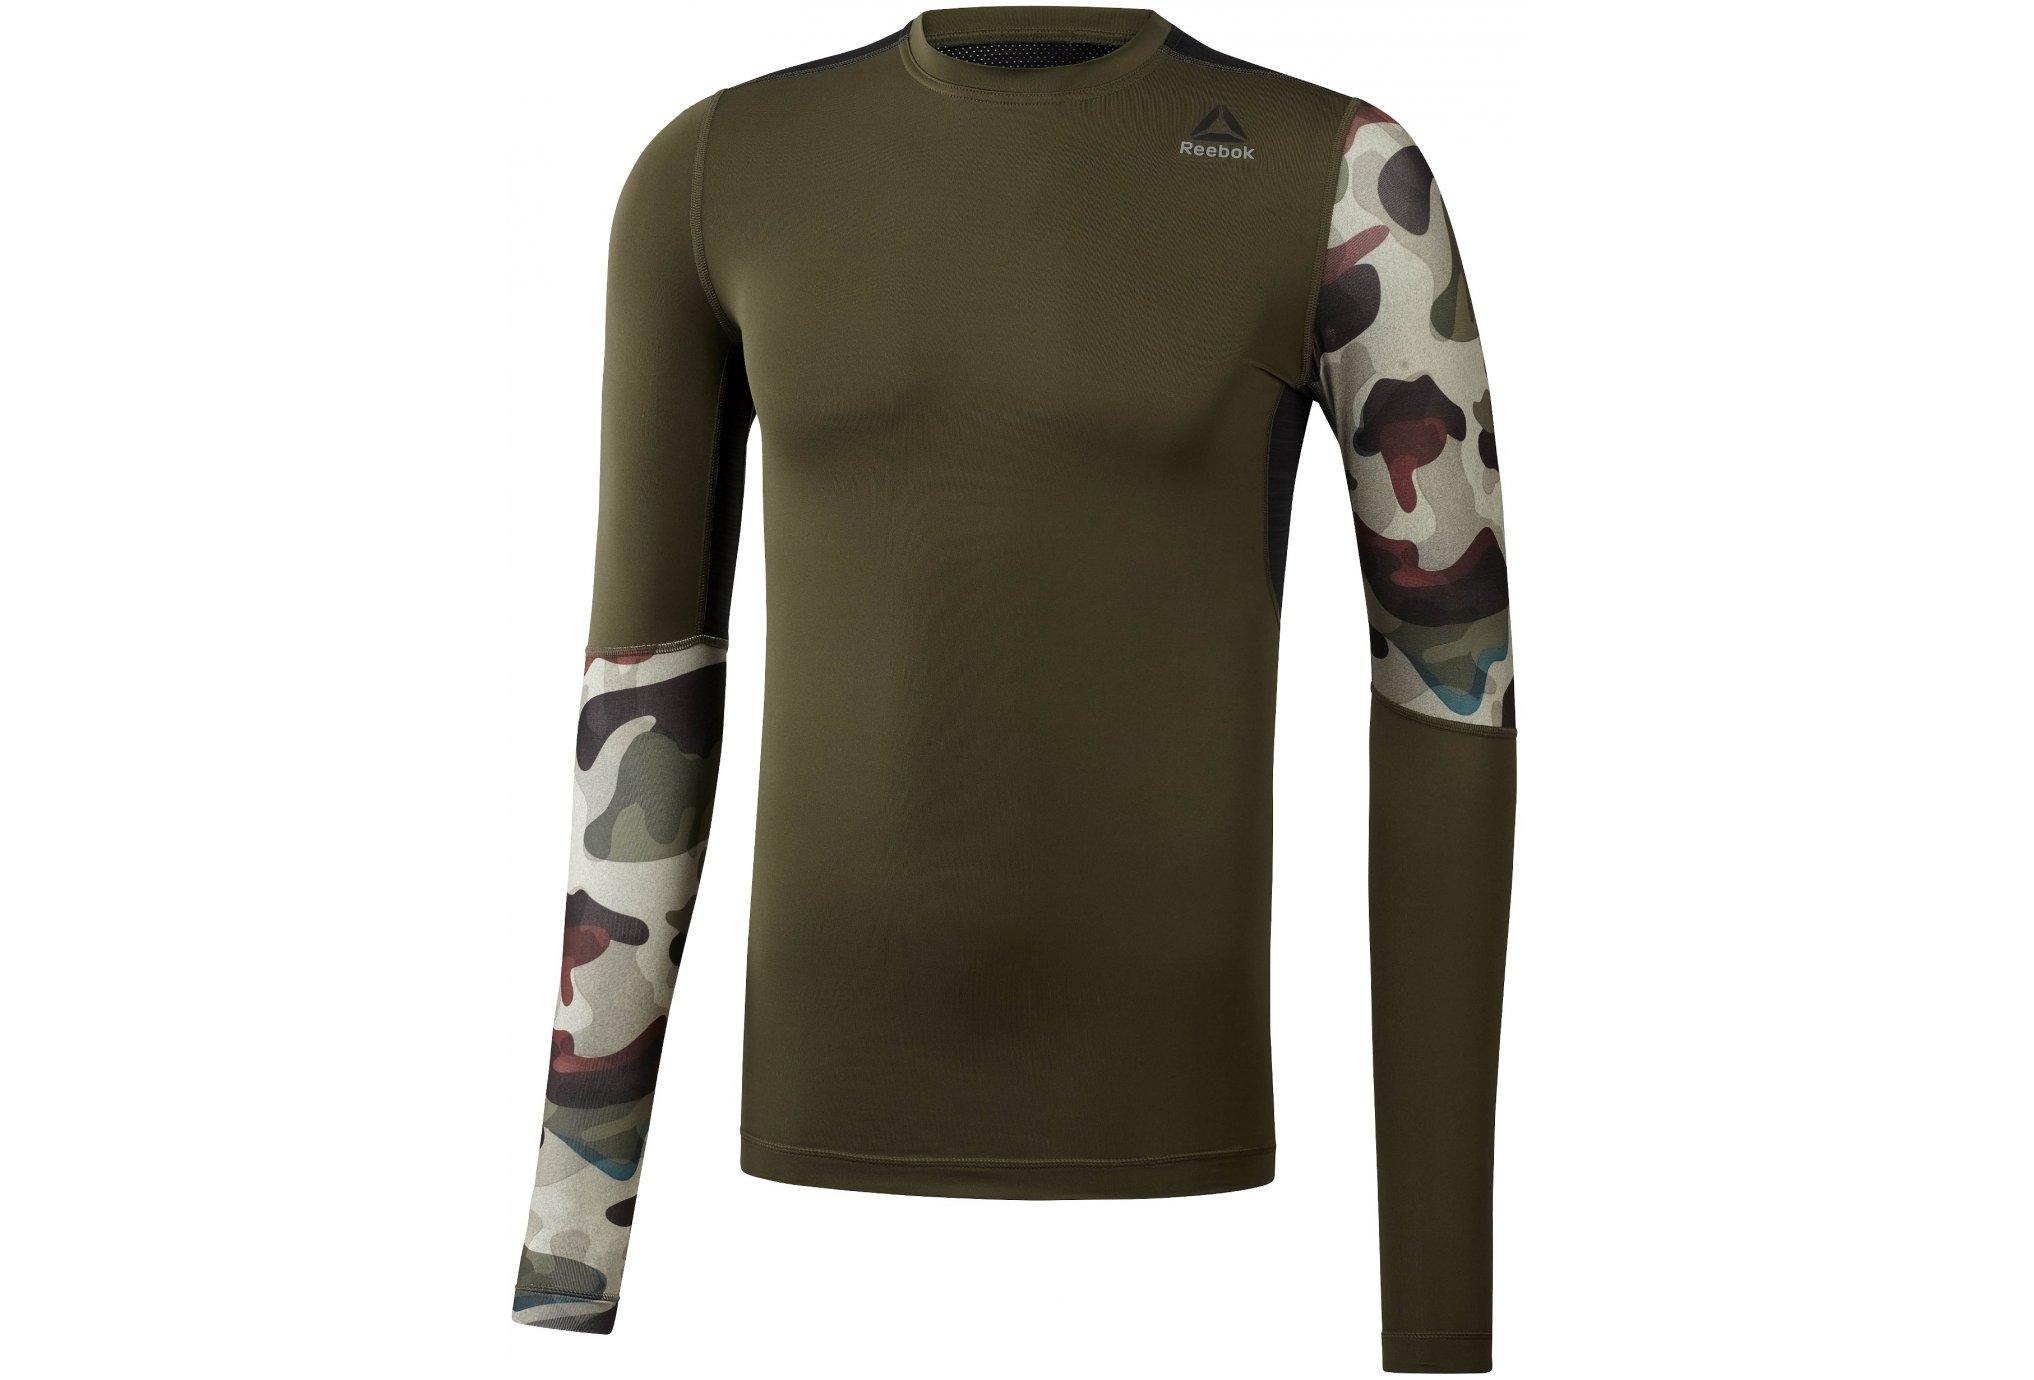 Reebok Activchill compression graphic m vêtement running homme